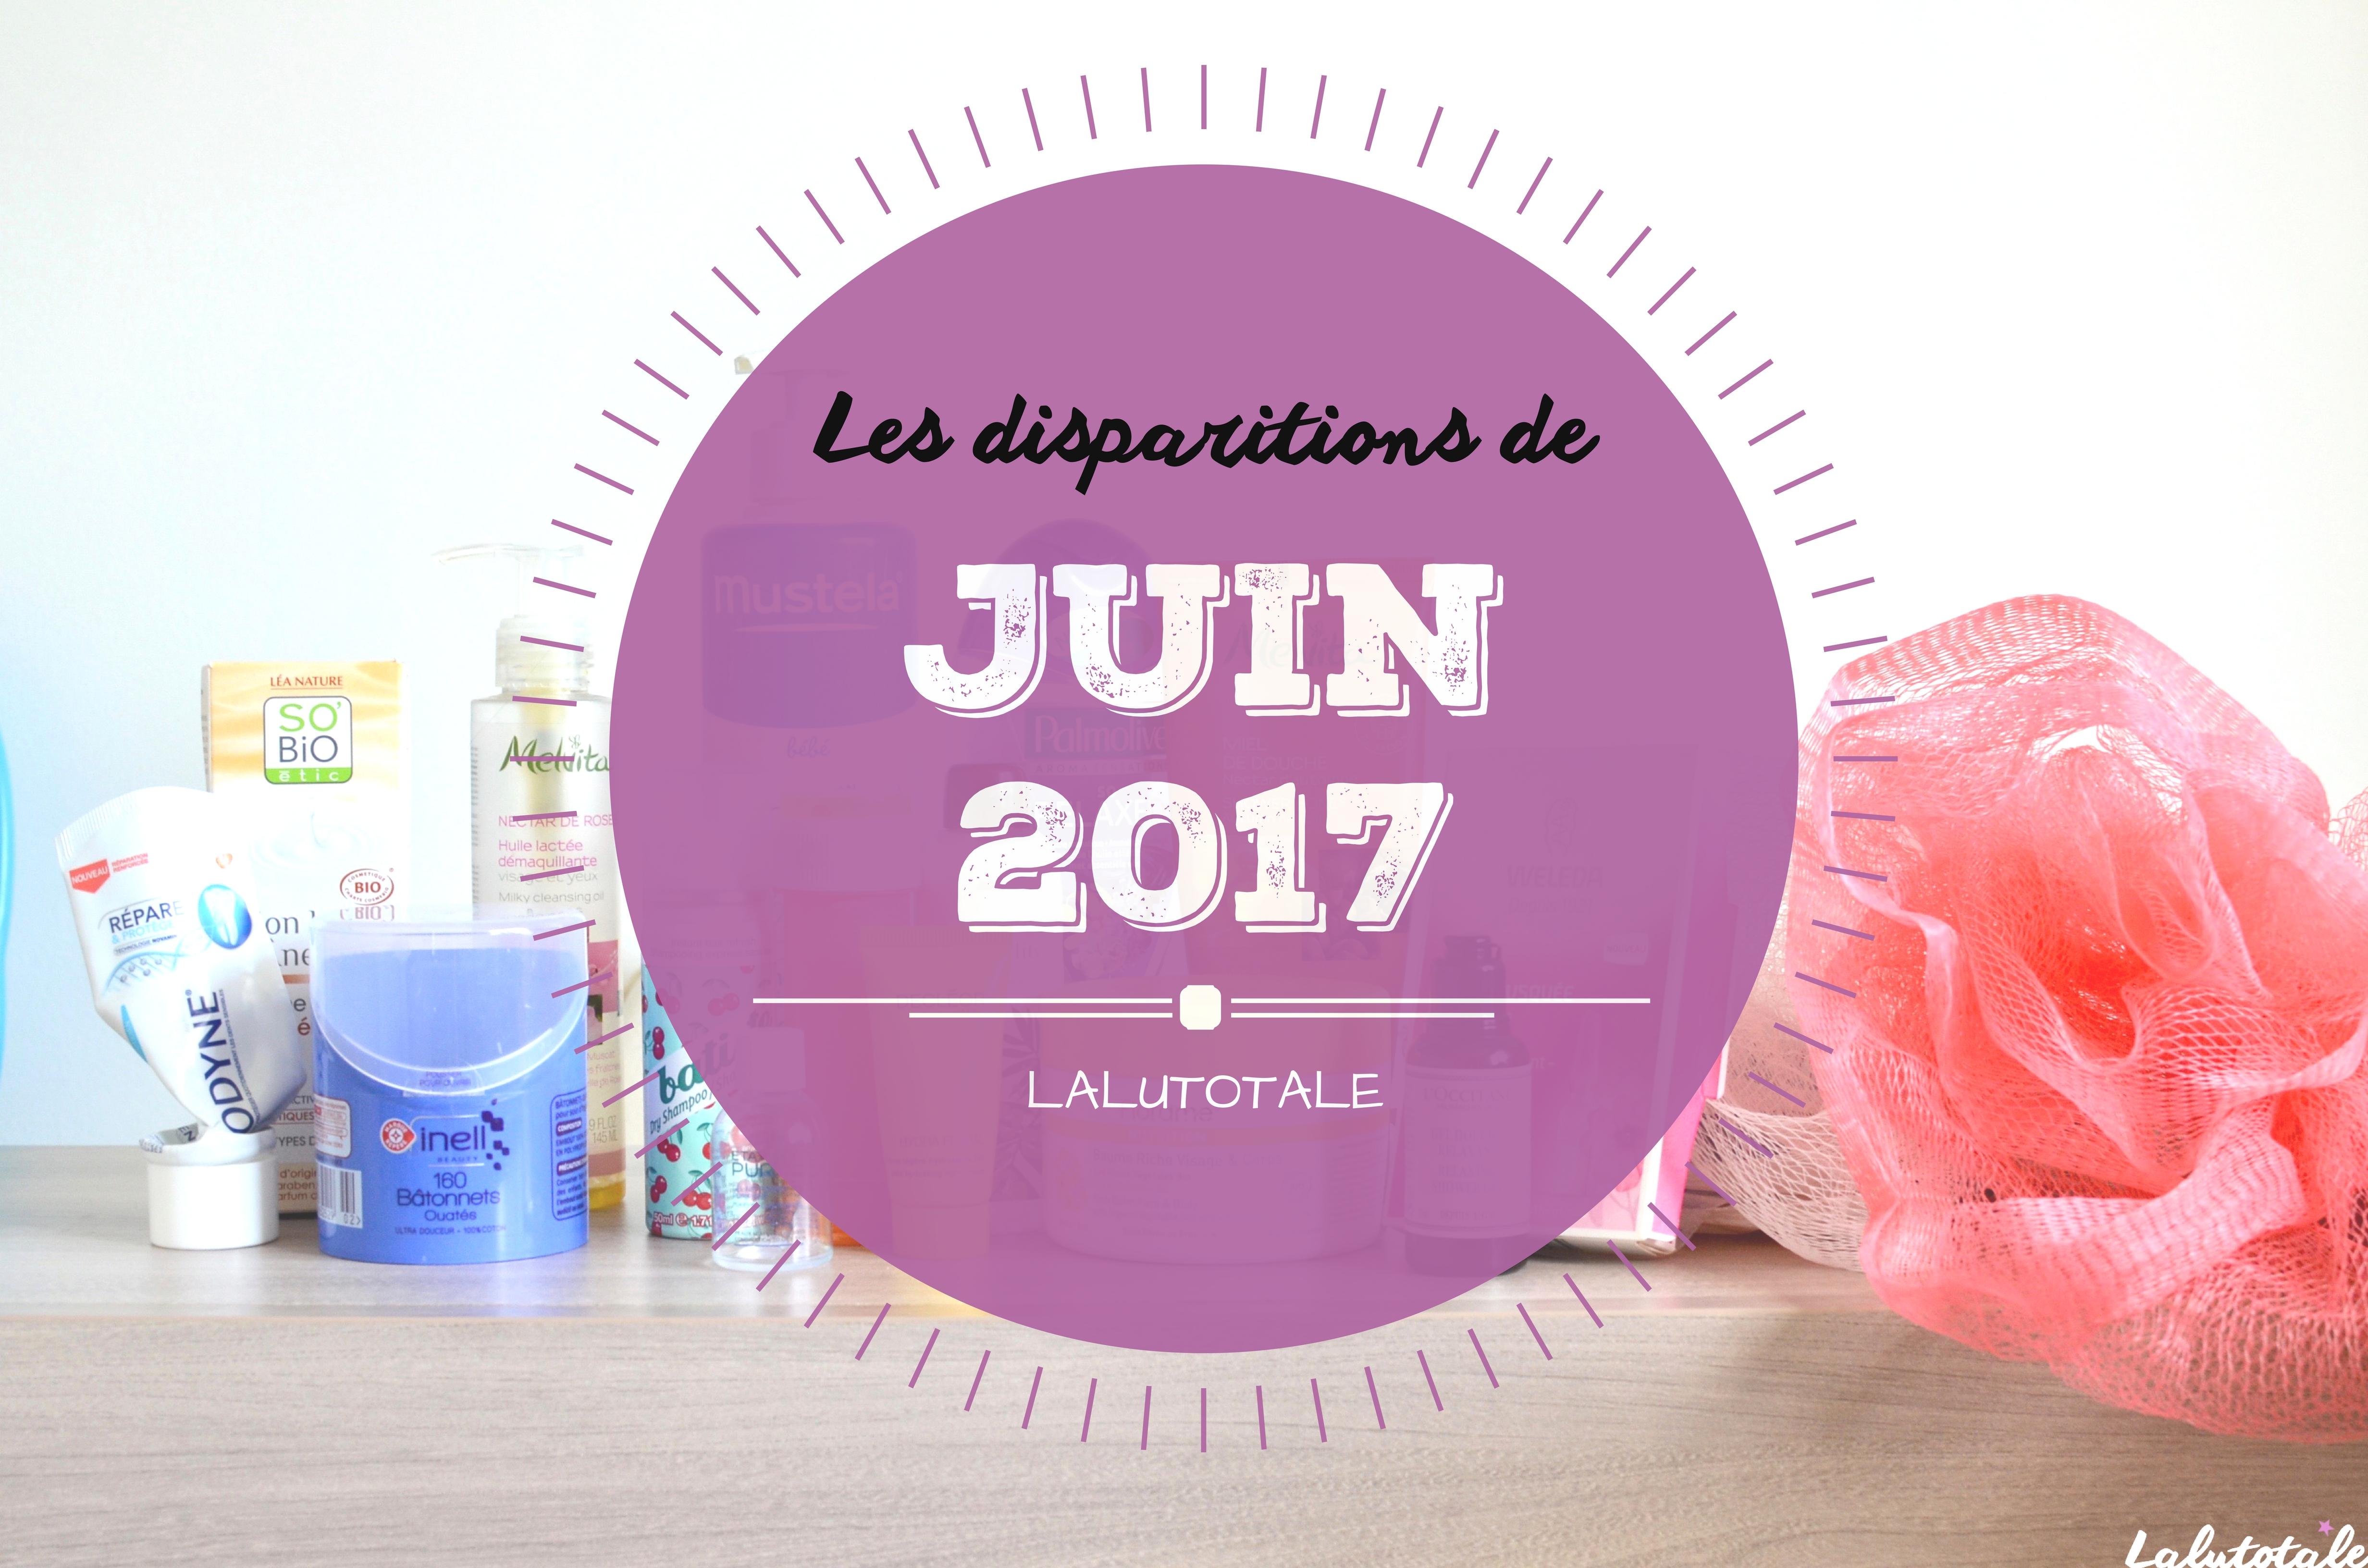 ✞ Les disparitions de Juin 2017 ✞